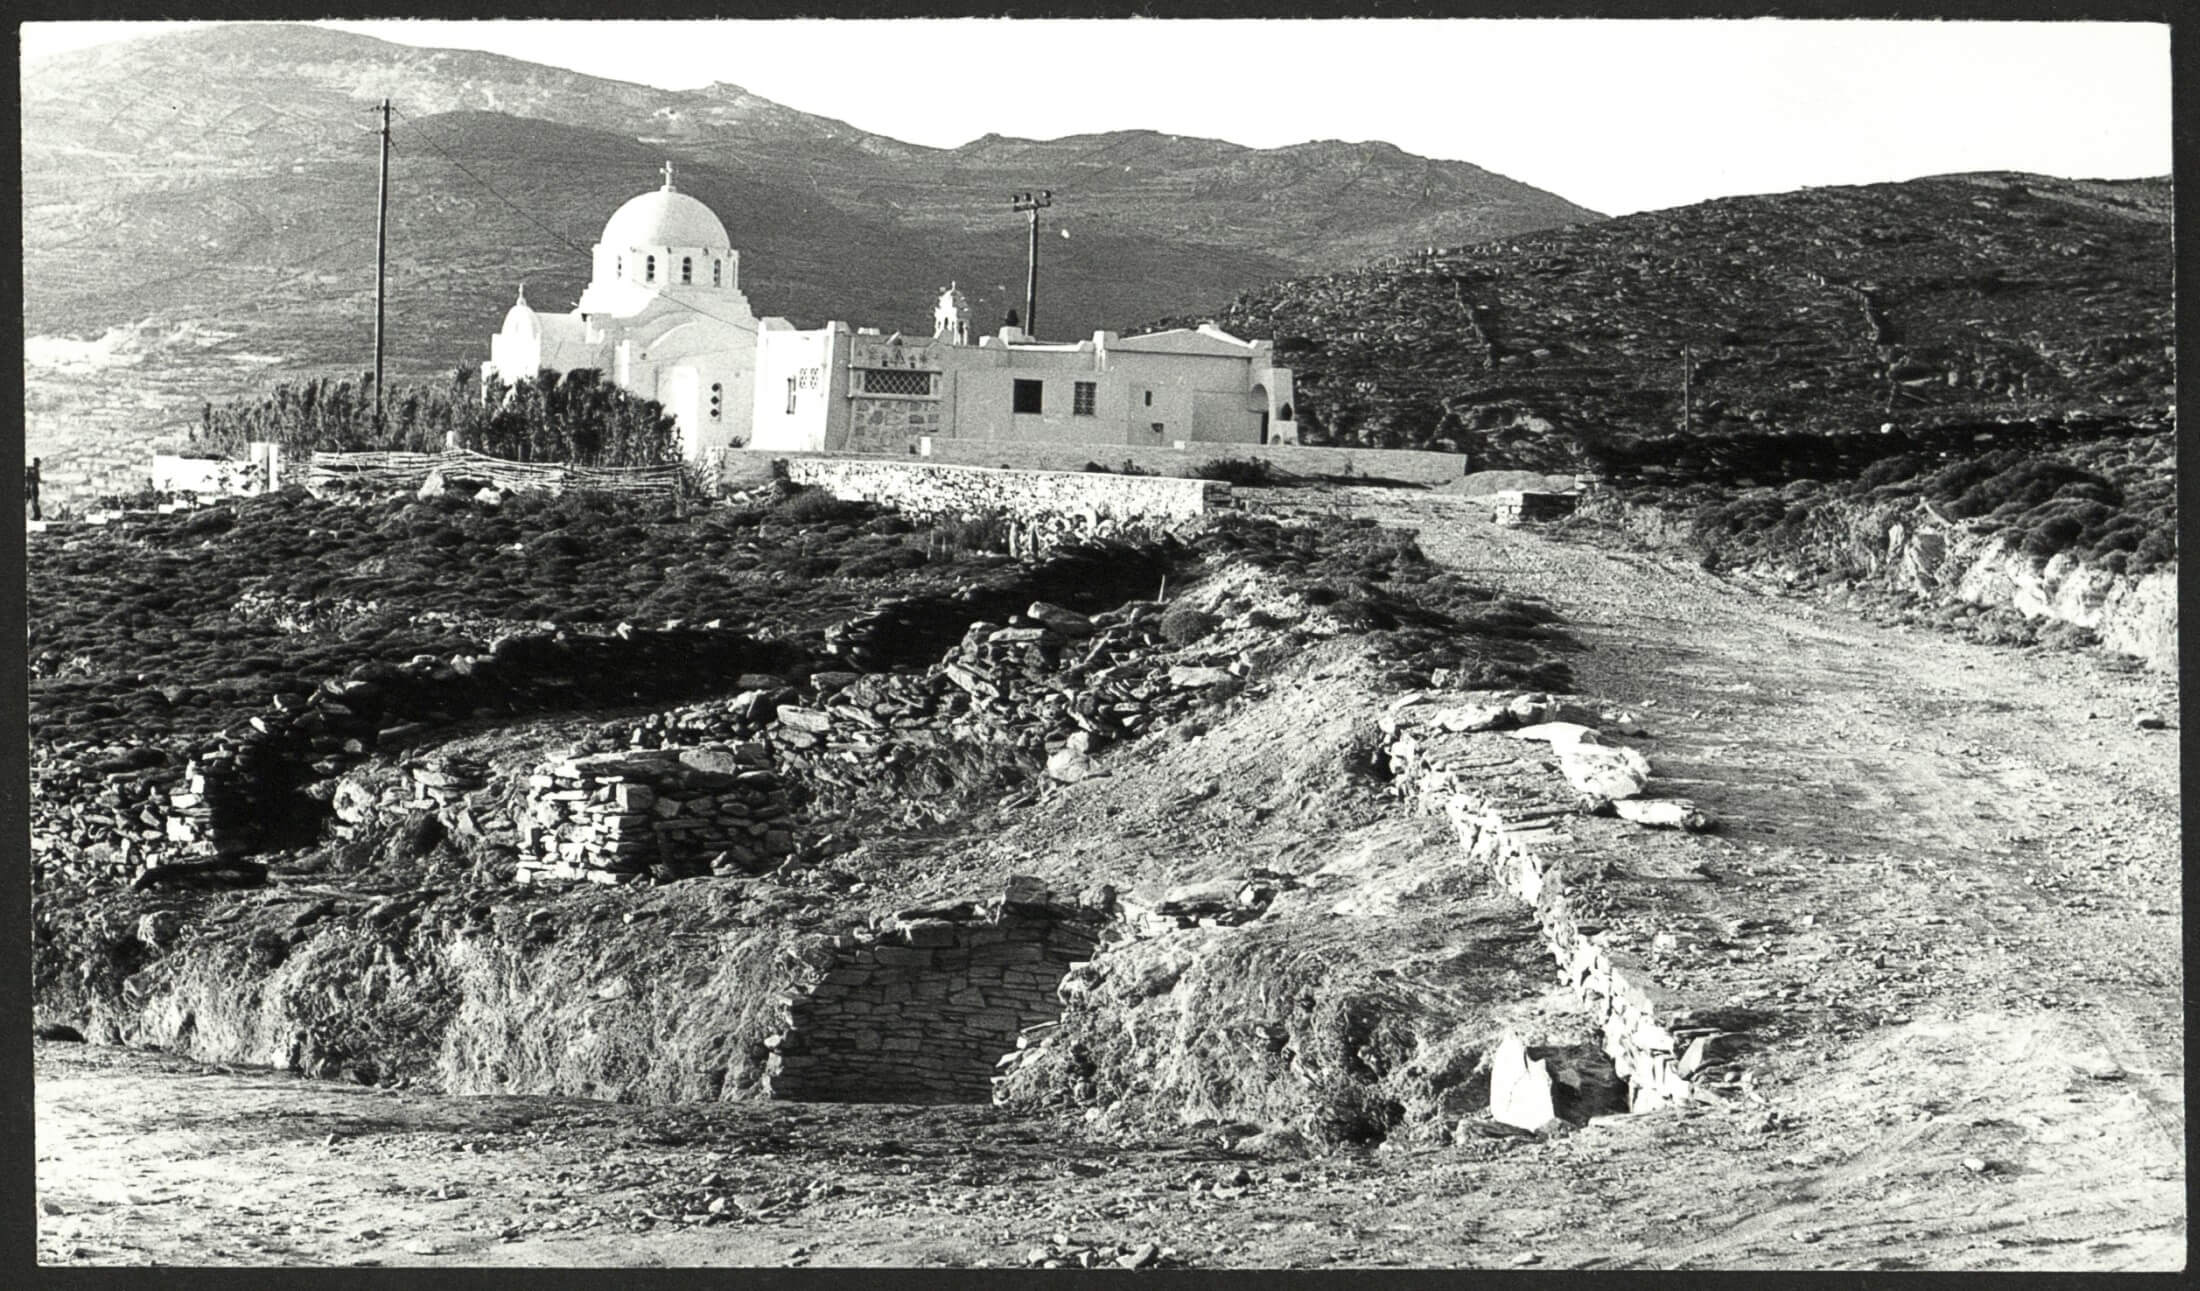 Άποψη της ανασκαφής στην Αγία Θέκλα, στην Τήνο, το 1979. Διακρίνονται τα υπολείμματα του θολωτού τάφου (κάτω) και η ομώνυμη εκκλησία (πάνω). © Αρχείο της εν Αθήναις Αρχαιολογικής Εταιρείας